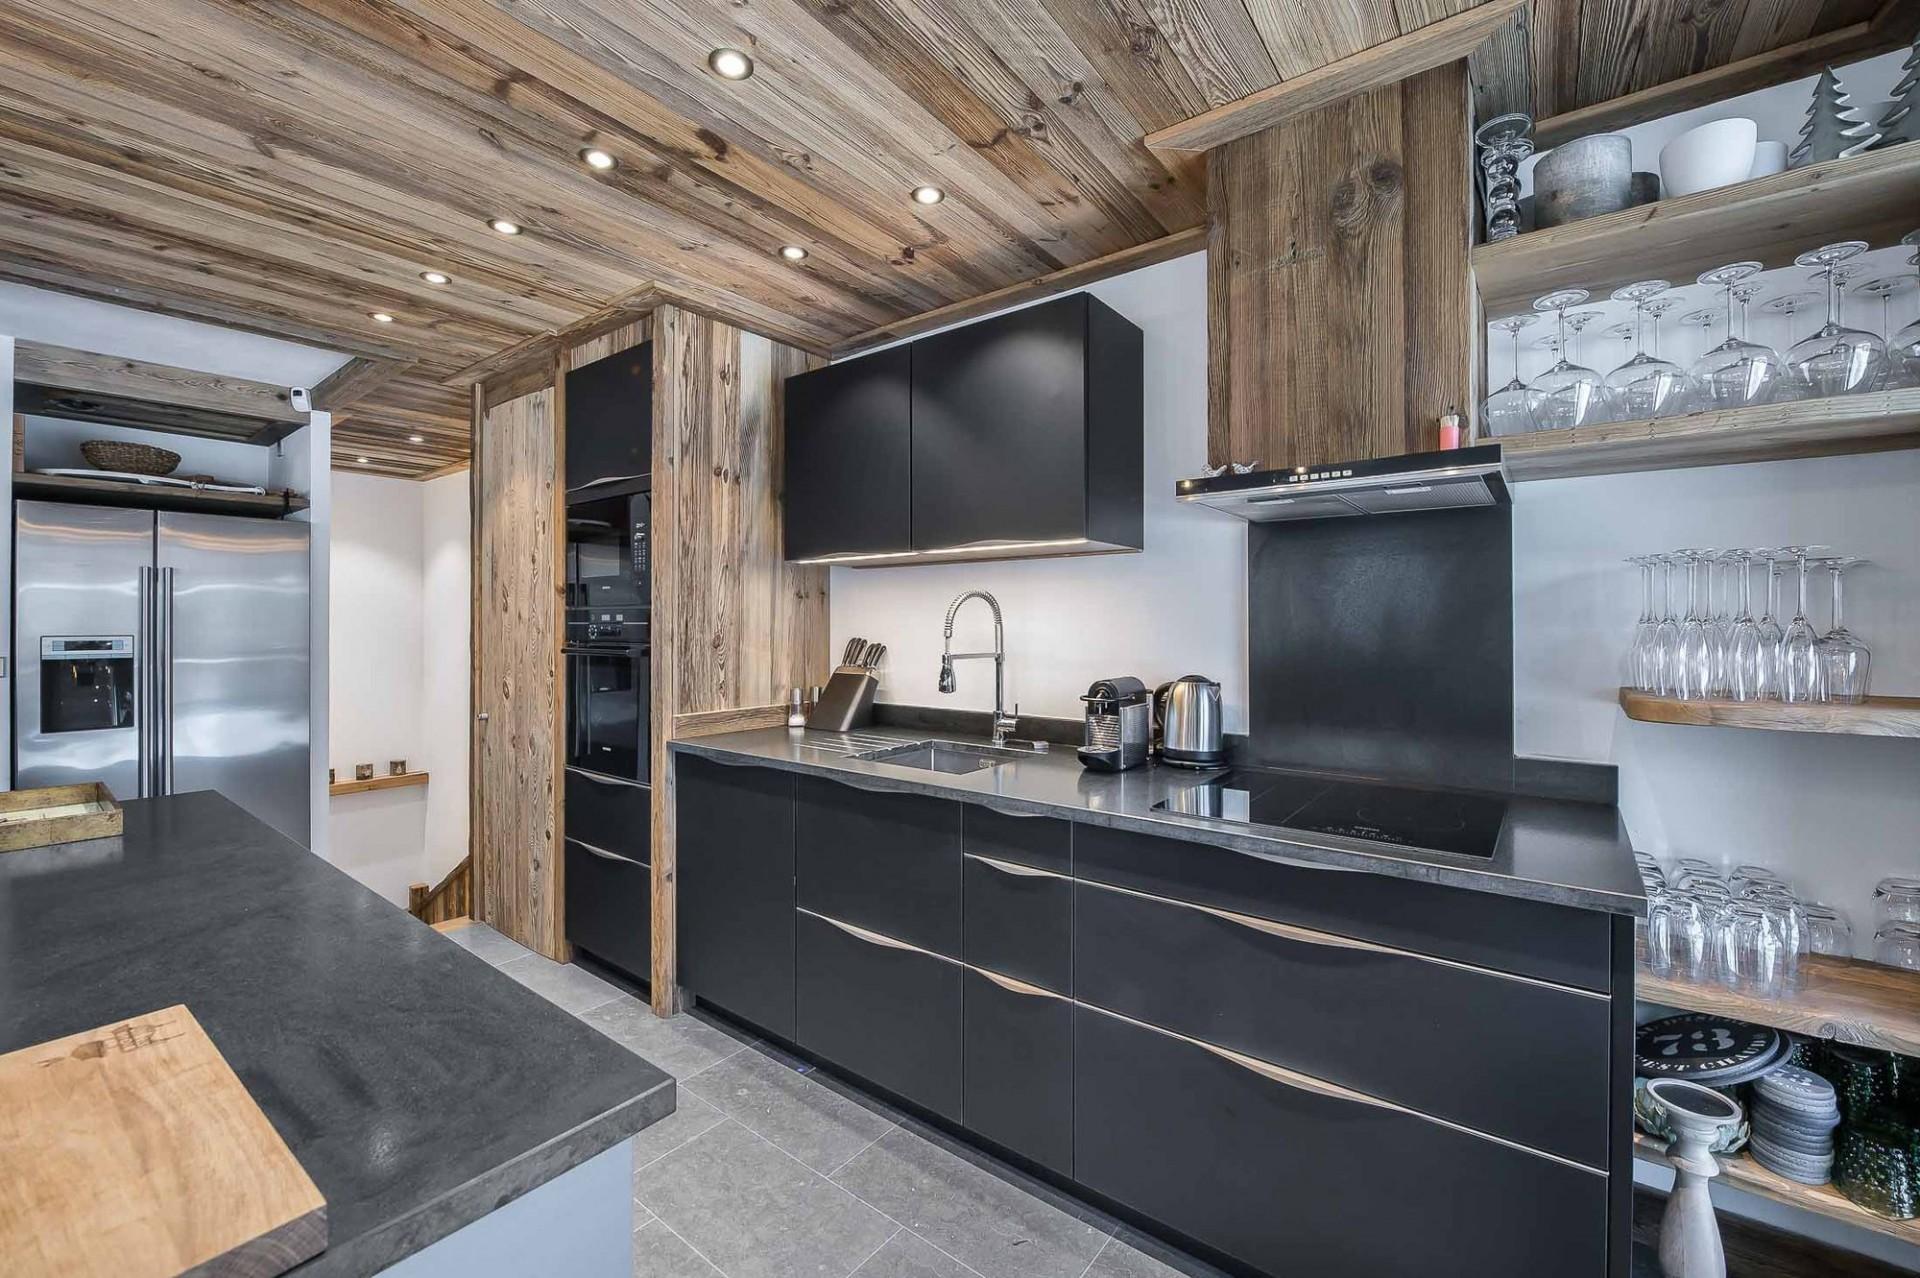 Val d'Isère Location Appartement Luxe Ulilite Cuisine